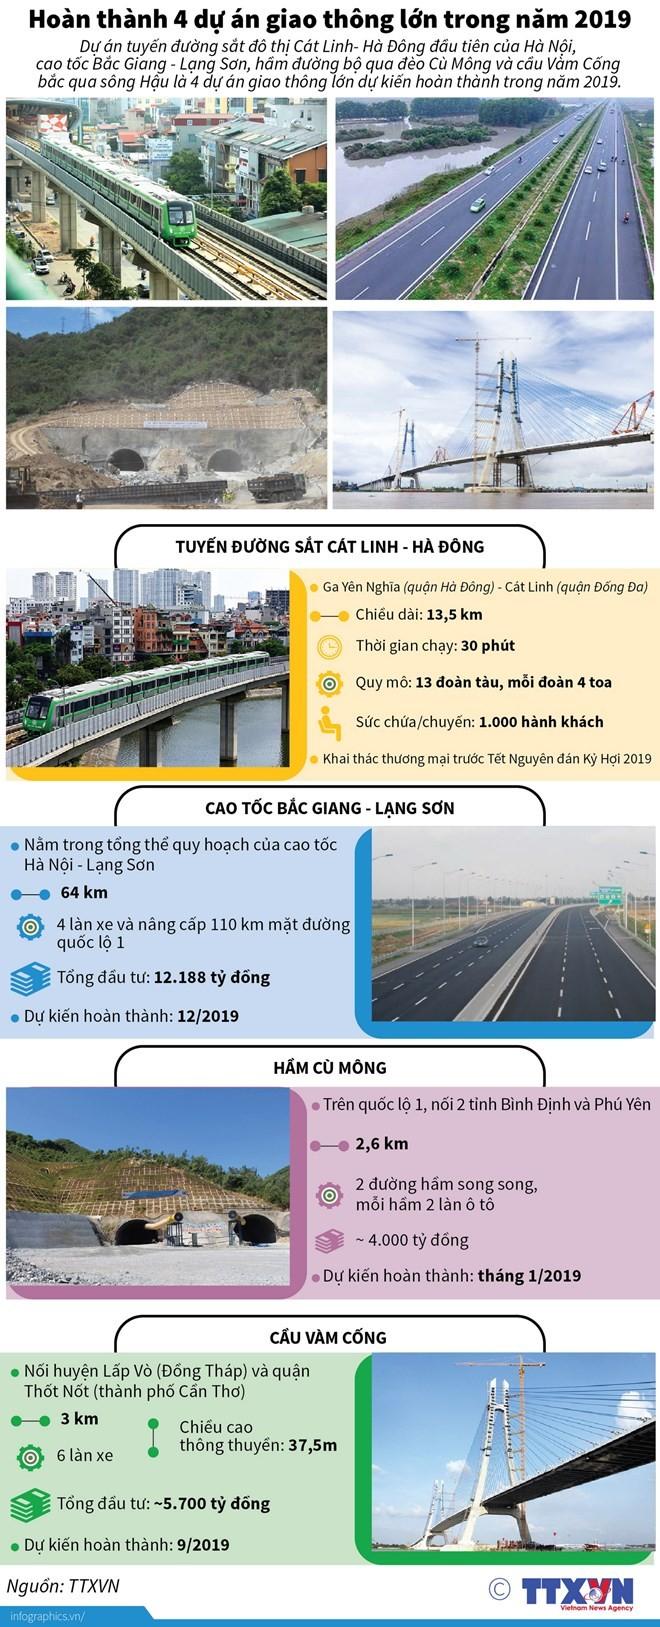 [Infographics] Hoàn thành 4 dự án giao thông lớn trong năm 2019 ảnh 1